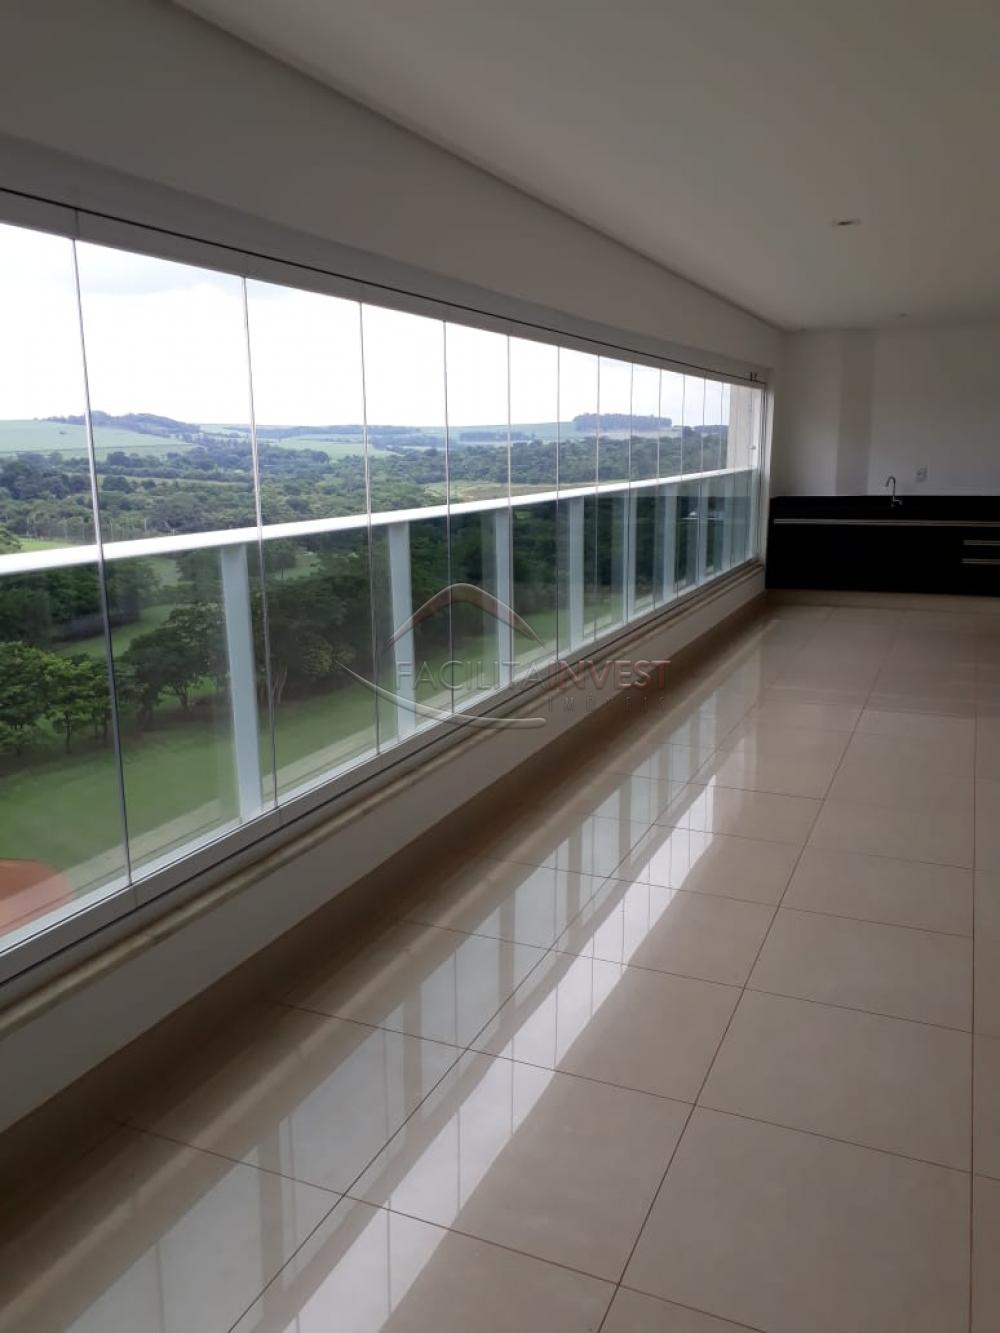 Alugar Apartamentos / Apart. Padrão em Ribeirão Preto apenas R$ 10.000,00 - Foto 1